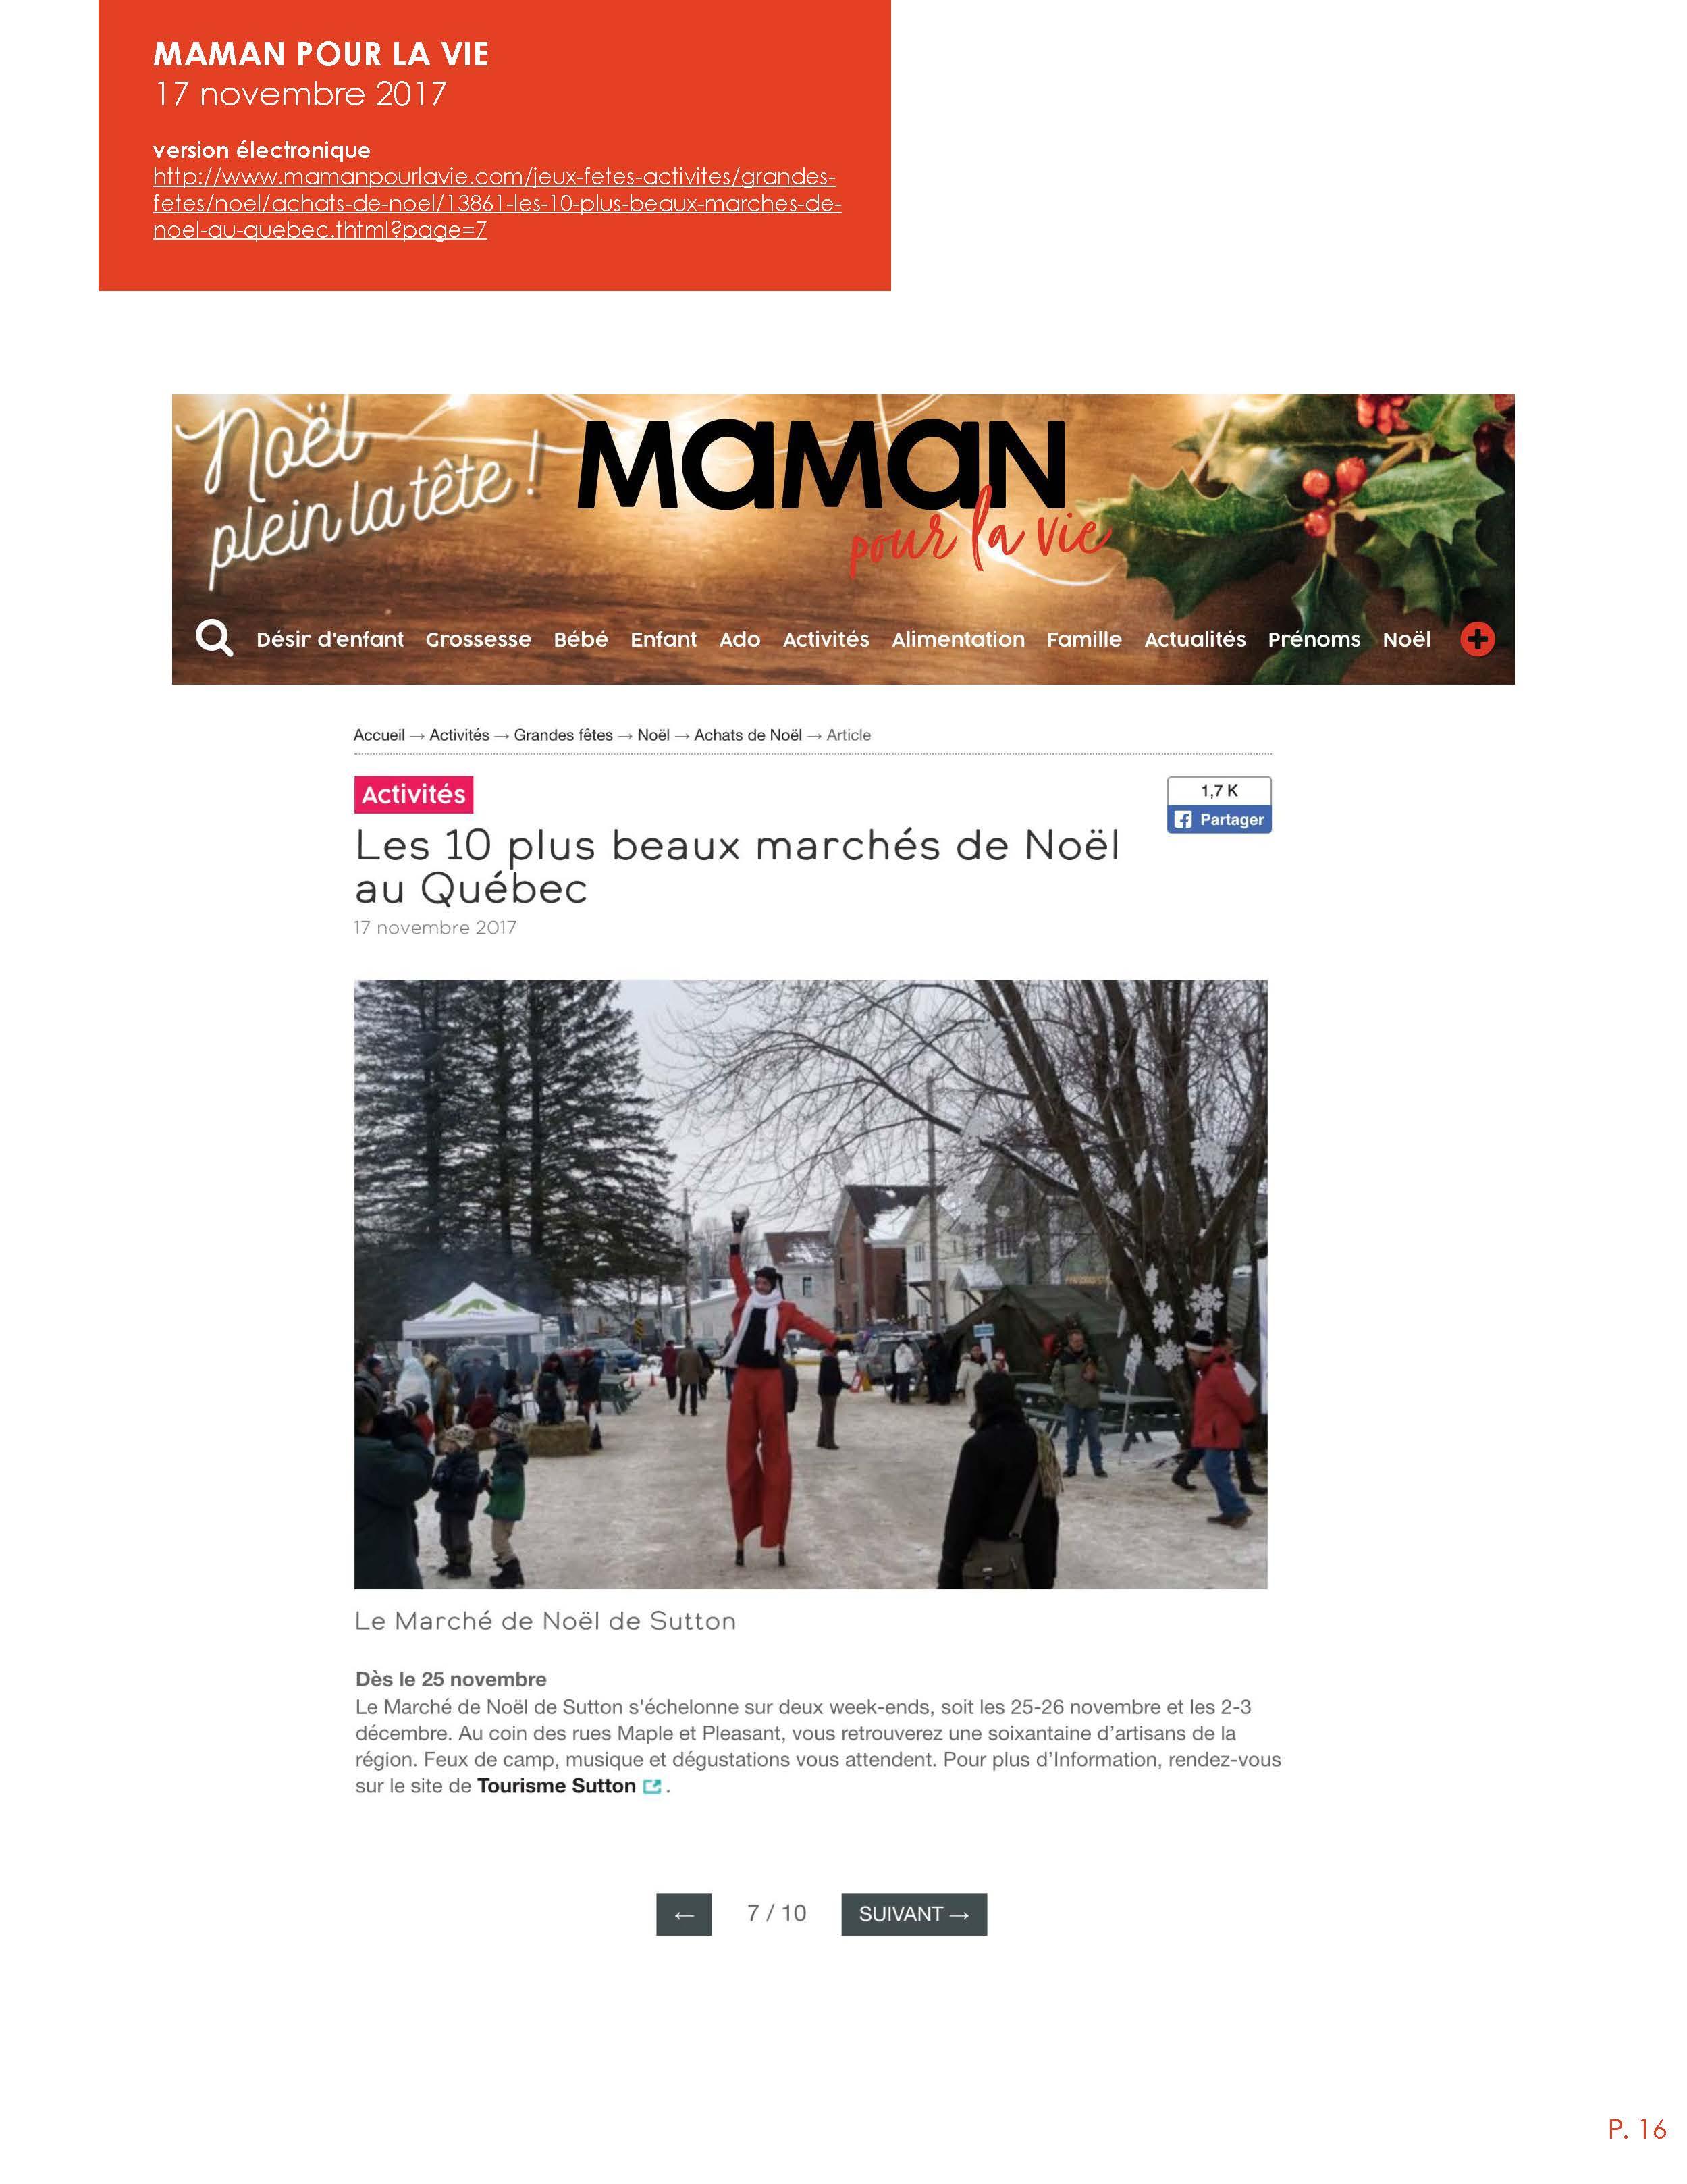 Revue de presse - MARCHÉ DE NOËL SUTTON 2017_Page_16.jpg